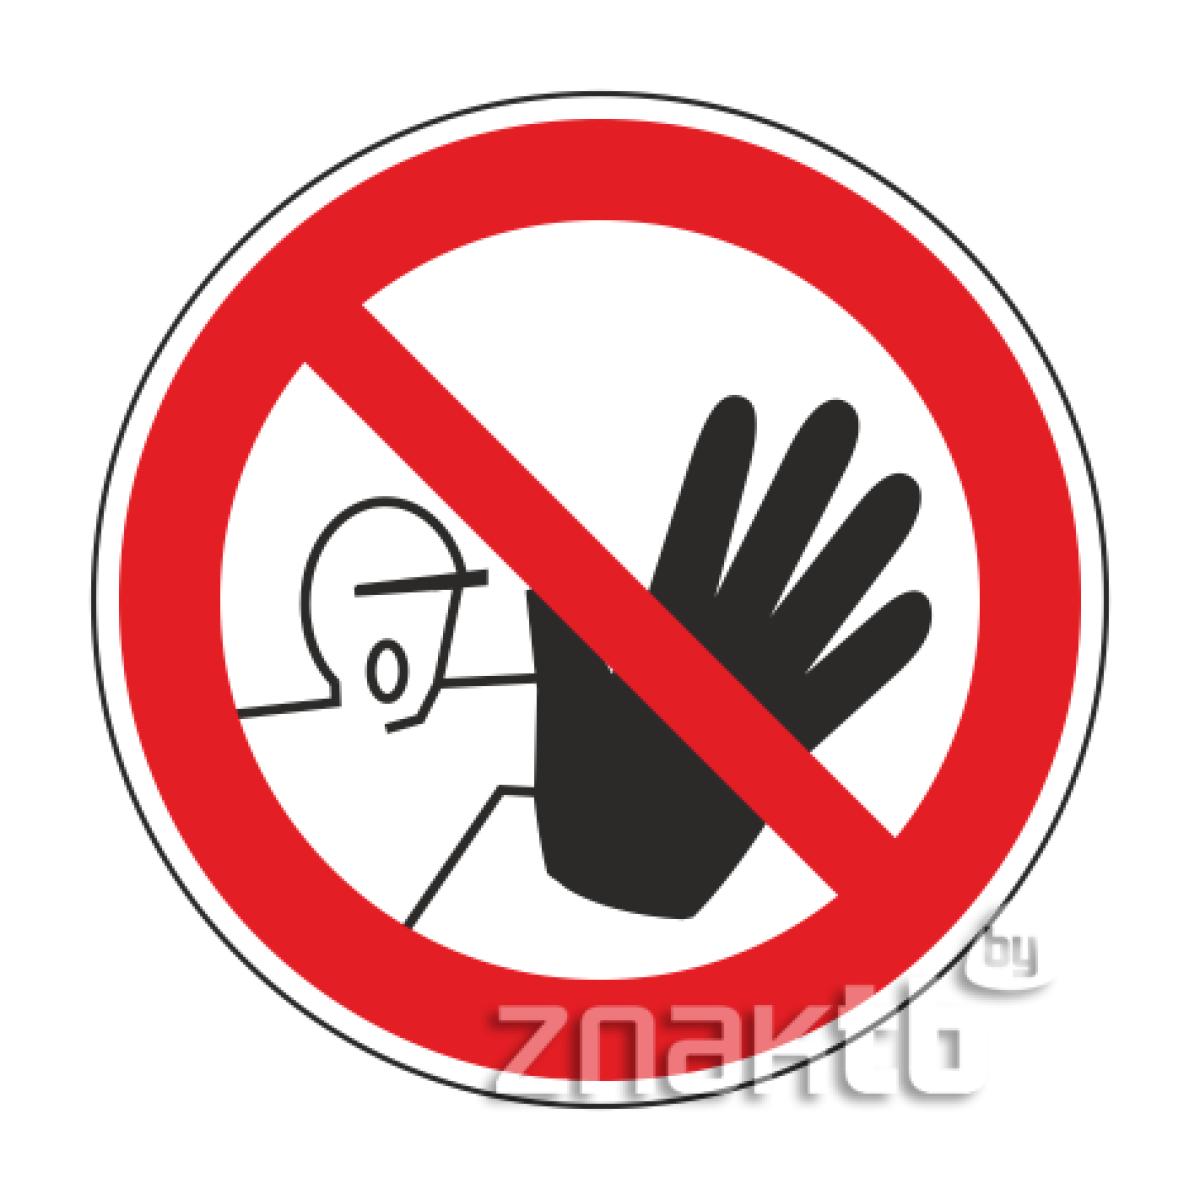 057 Знак Доступ посторинним запрещен код Р06